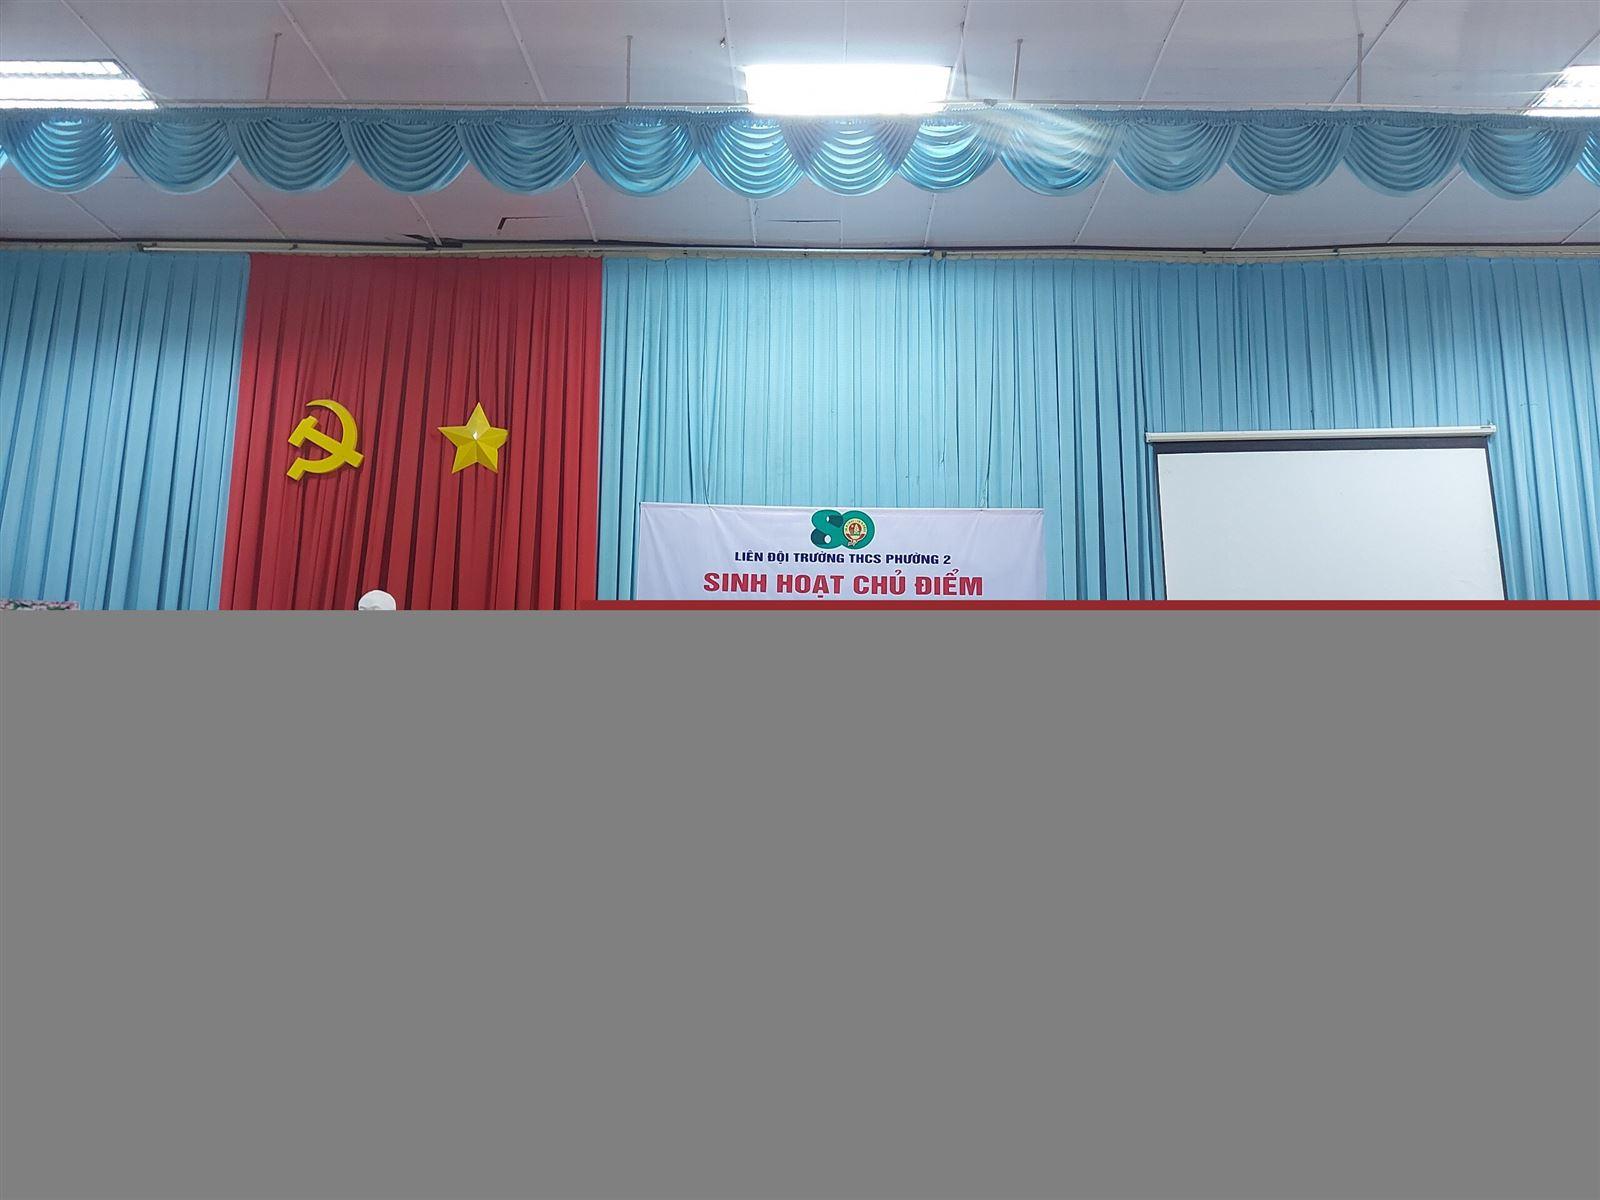 """Tiền Giang: Đồng loạt tổ chức hoạt động """"Tự hào truyền thống Đội ta"""" kỷ niệm 80 năm Ngày thành lập Đội TNTP Hồ Chí Minh"""